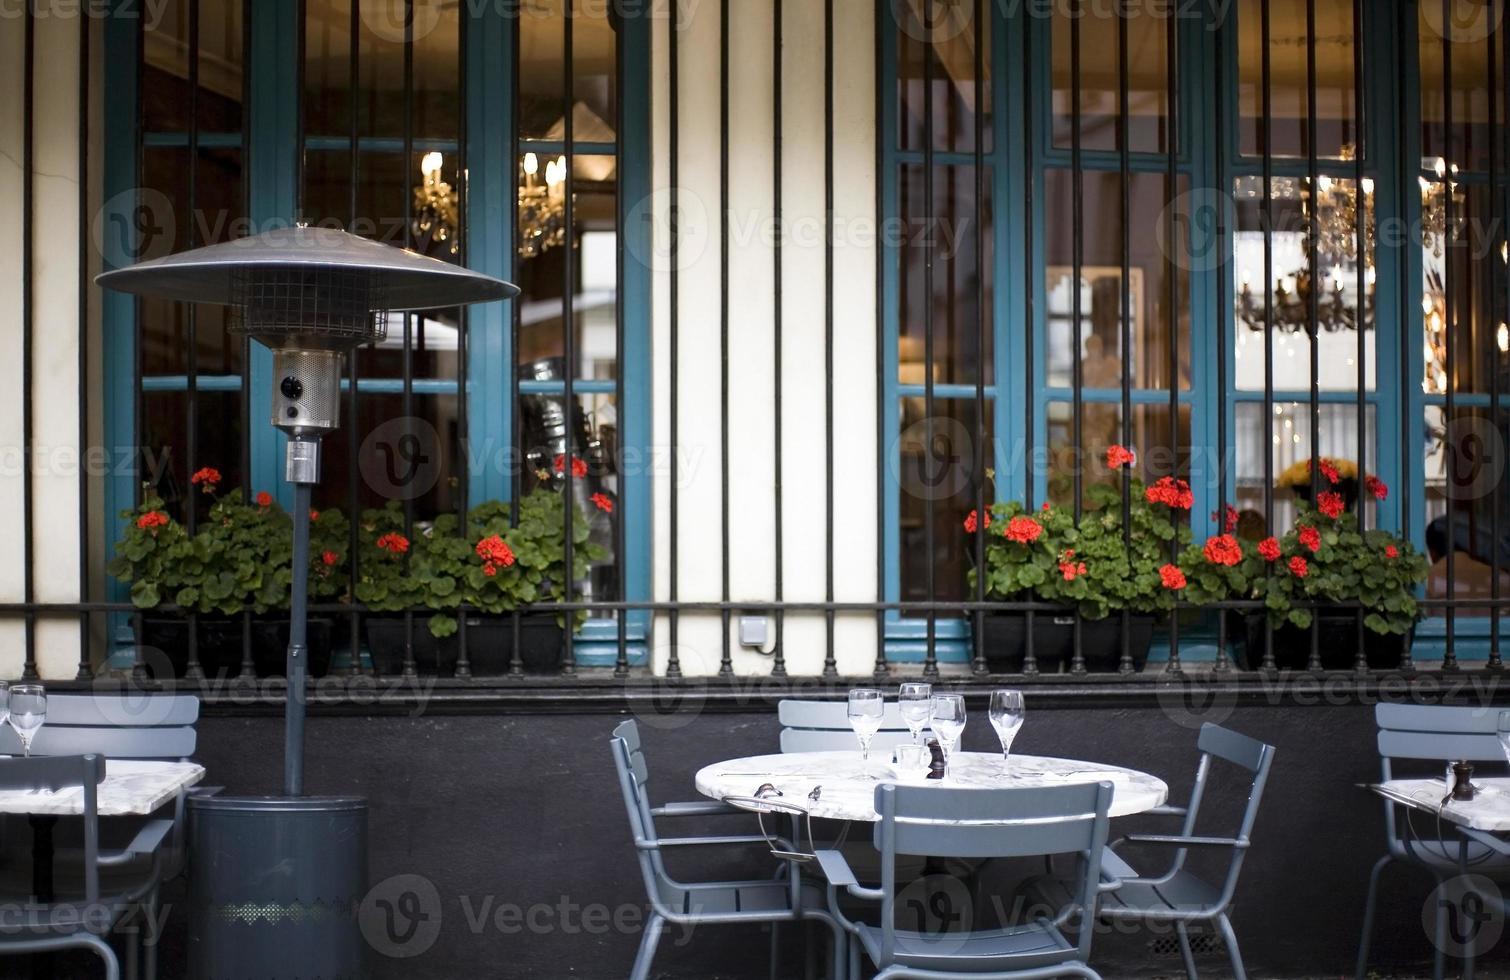 café de calçada em paris foto